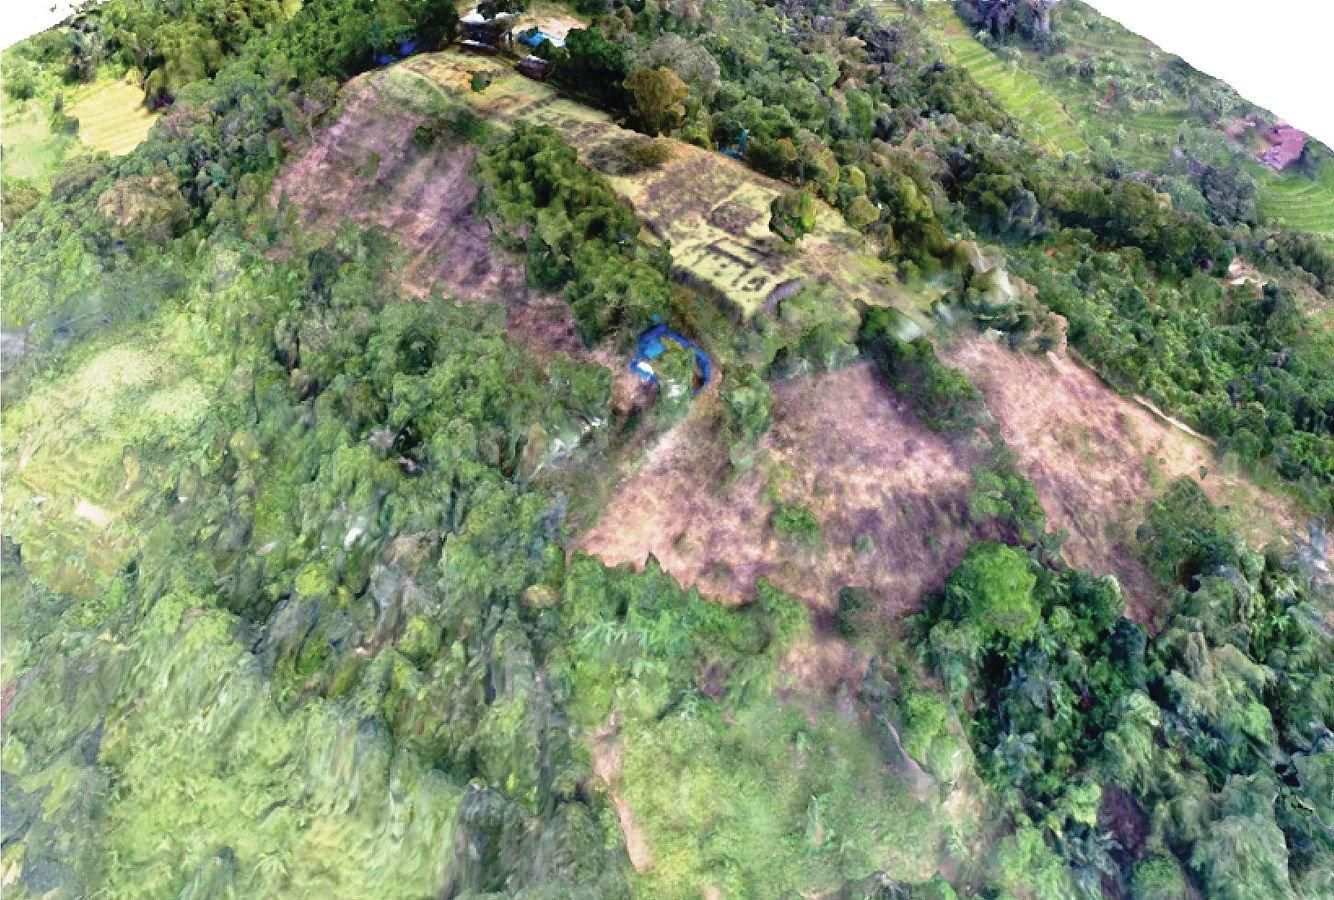 Піраміда віком 28 тисяч років: вчені ламають голову над дивовижною знахідкою в Індонезії